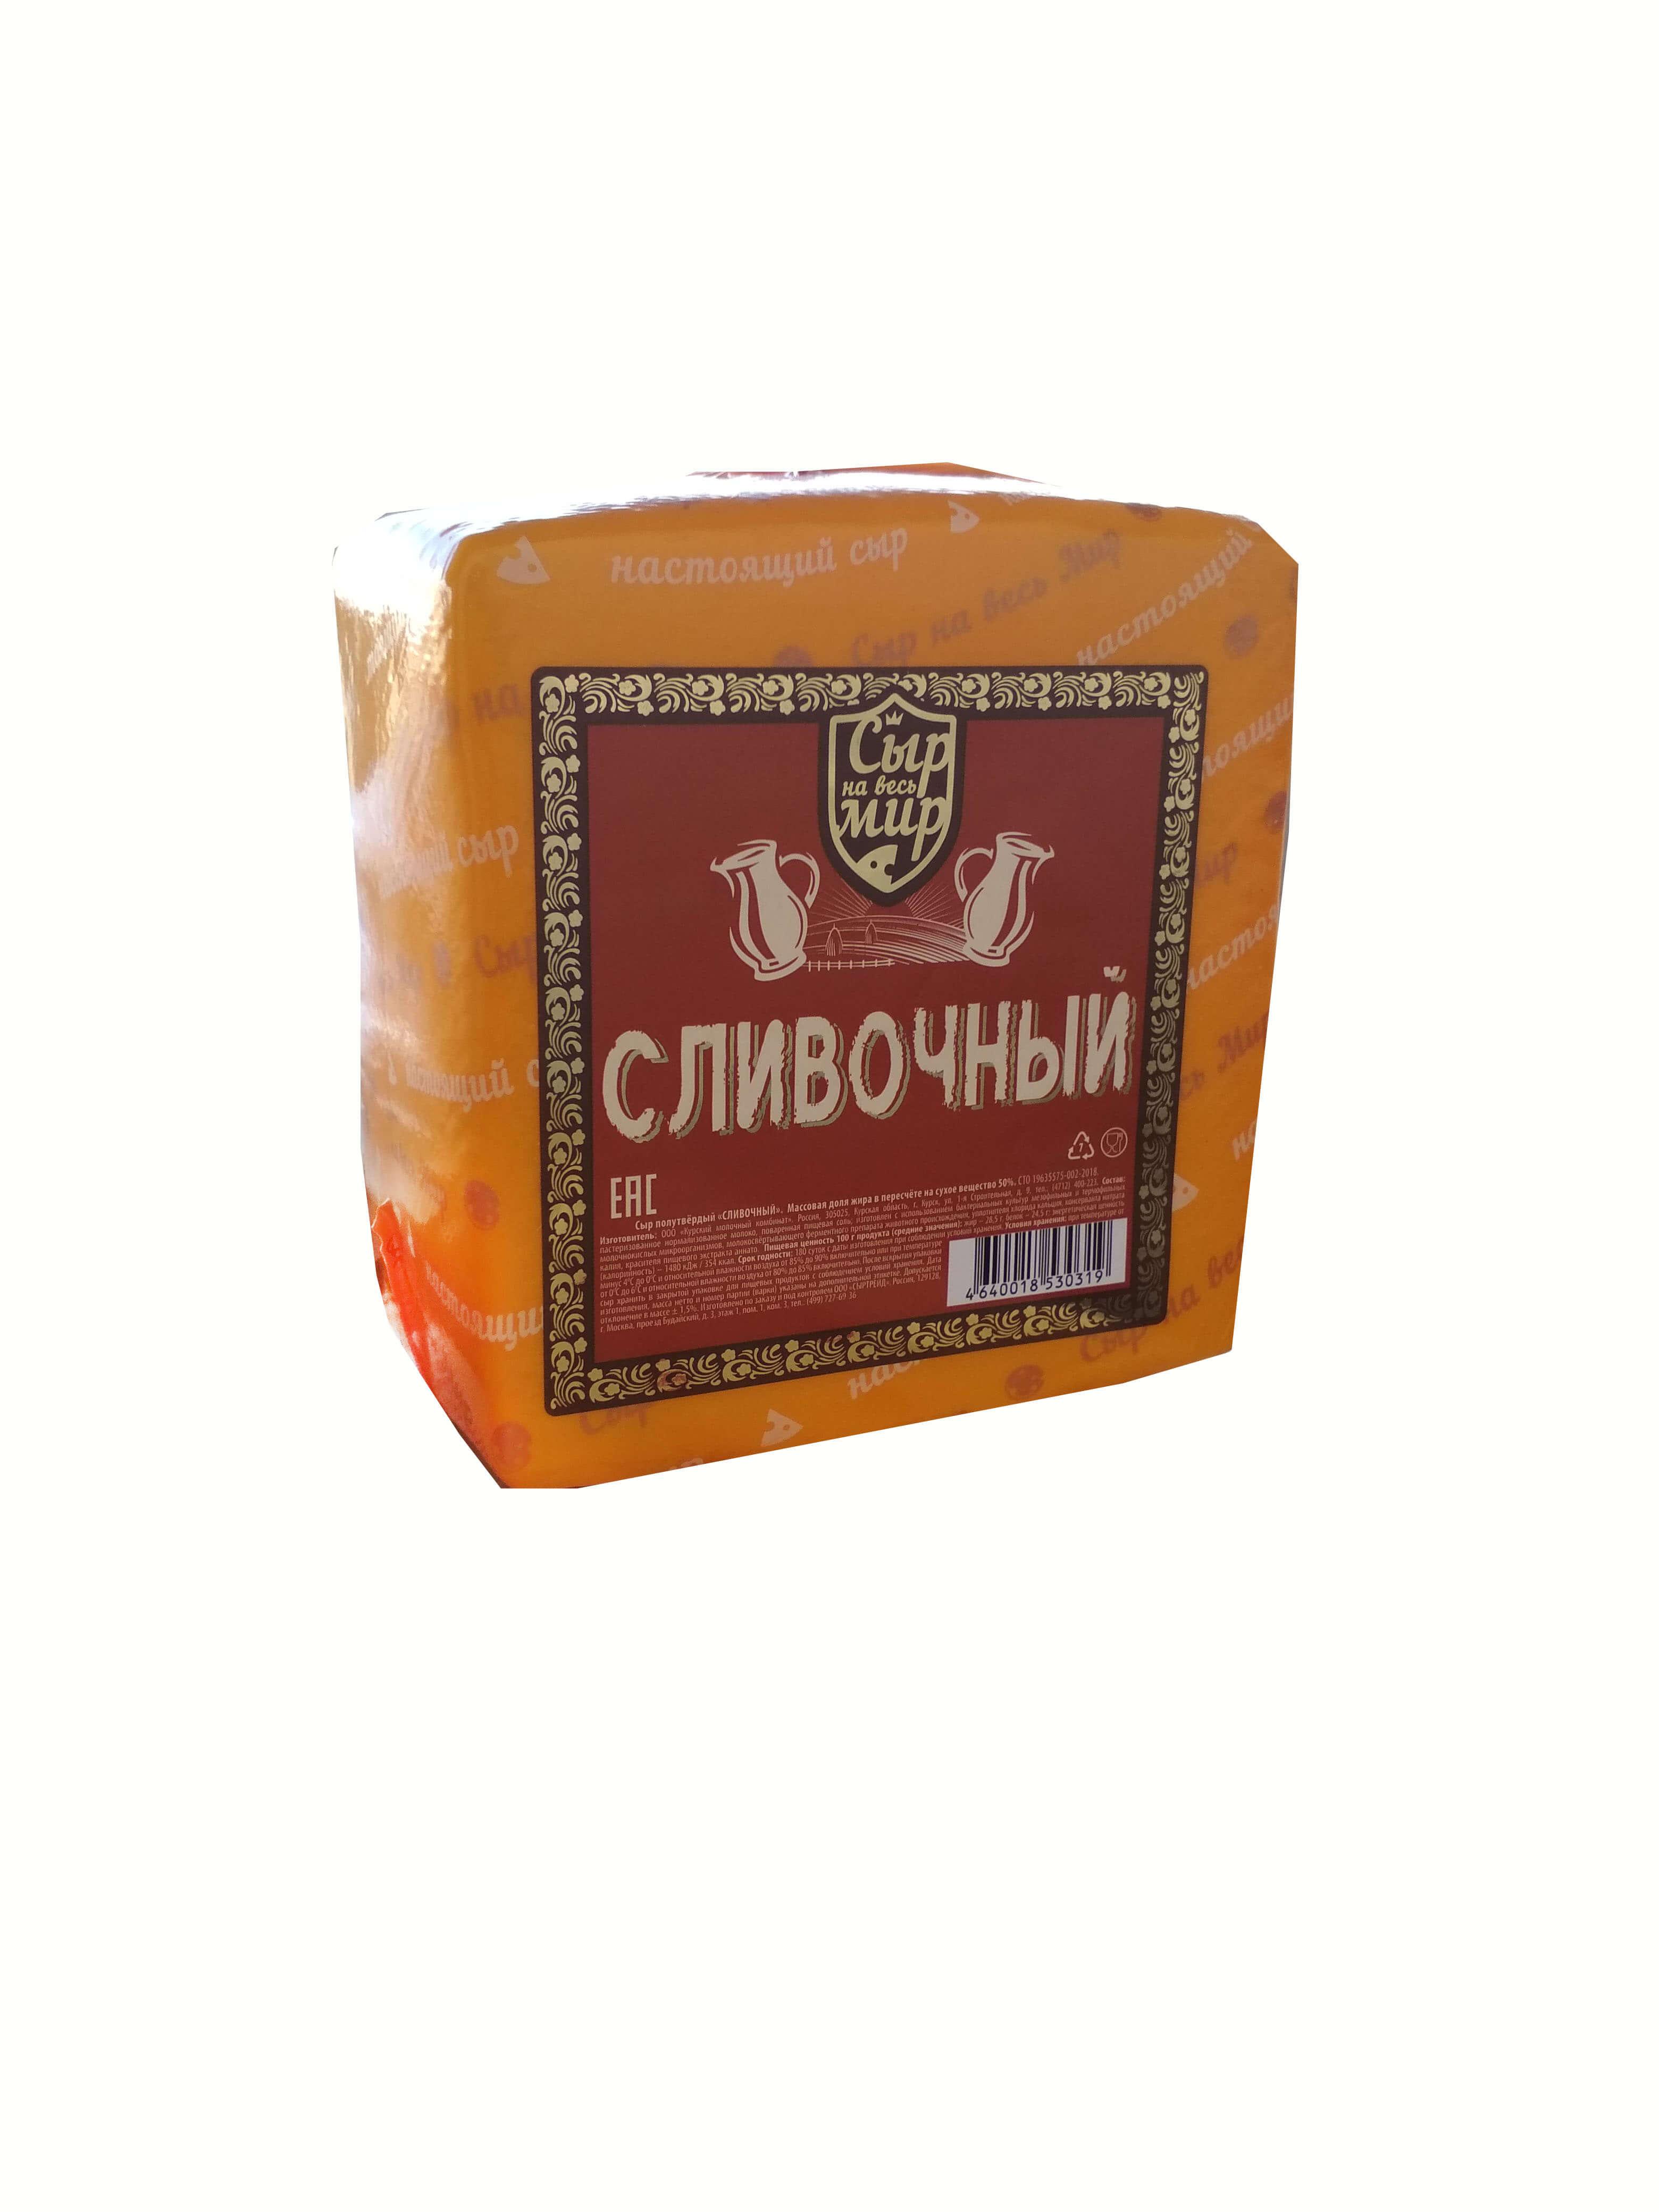 Сливочный (Сыр на весь мир) квадрат